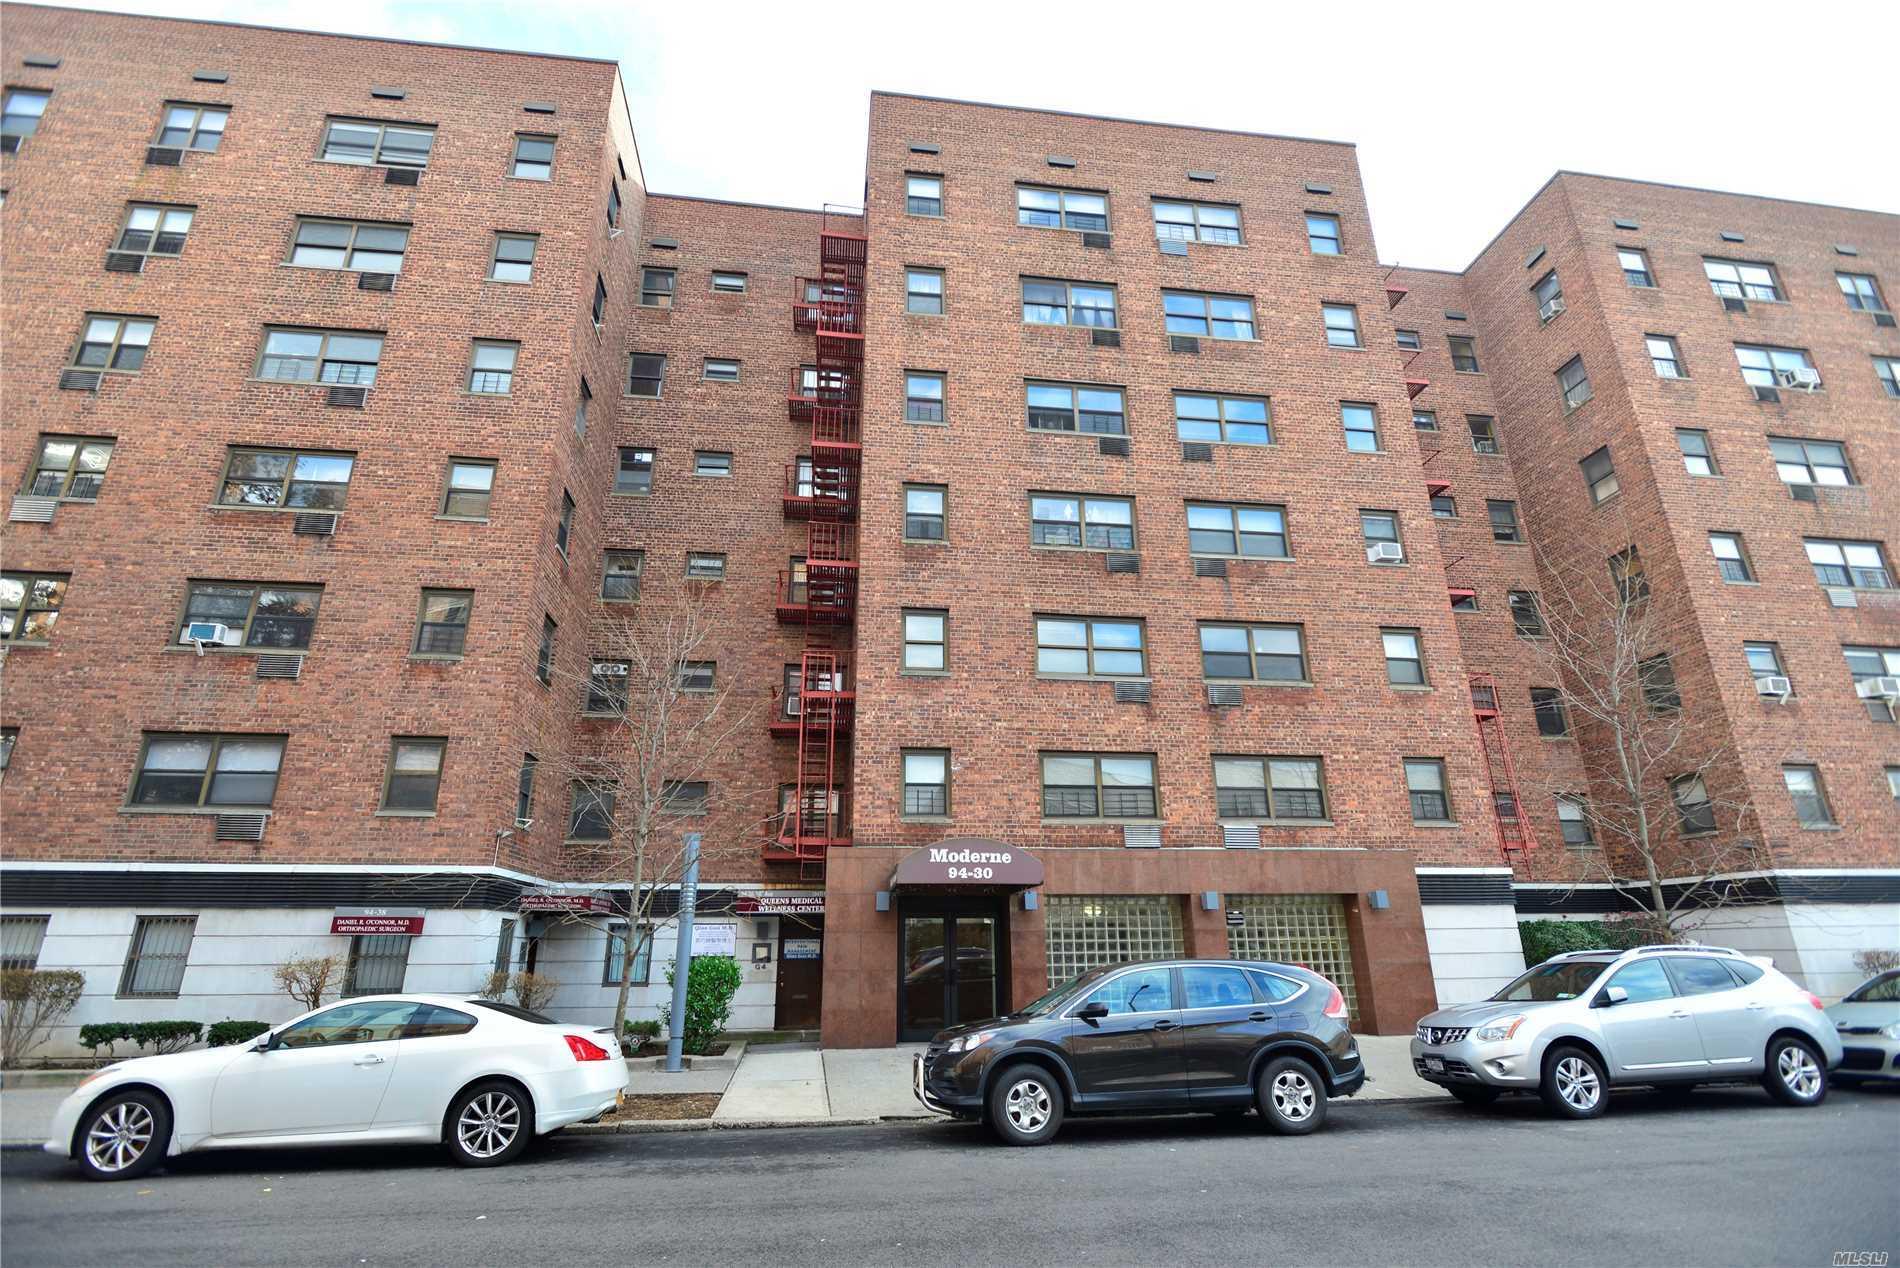 94-30 58 Ave, 4D - Elmhurst, New York